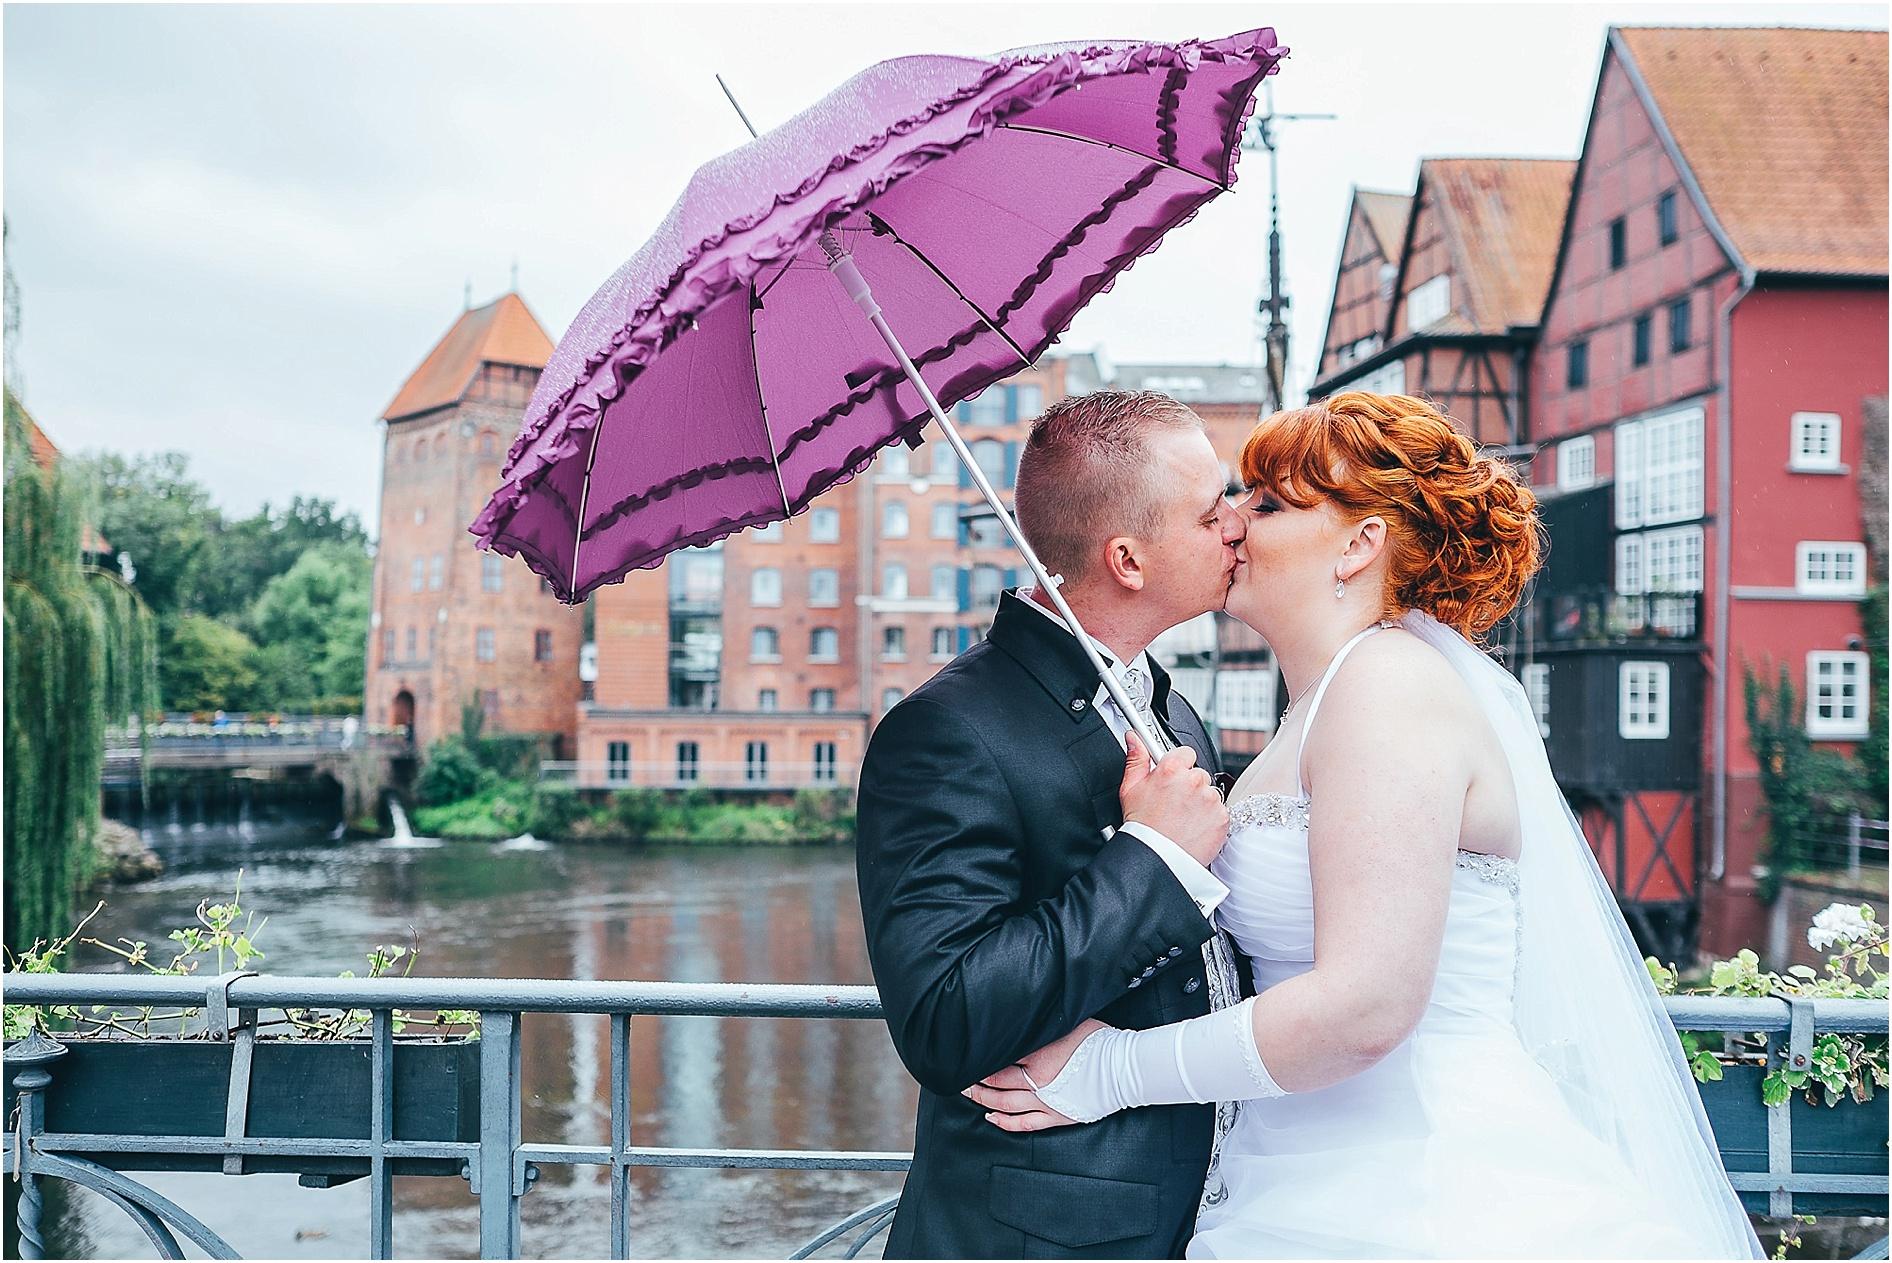 2014-11-20_0070 Lora & Daniel - Als Hochzeitsfotograf in Lüneburg